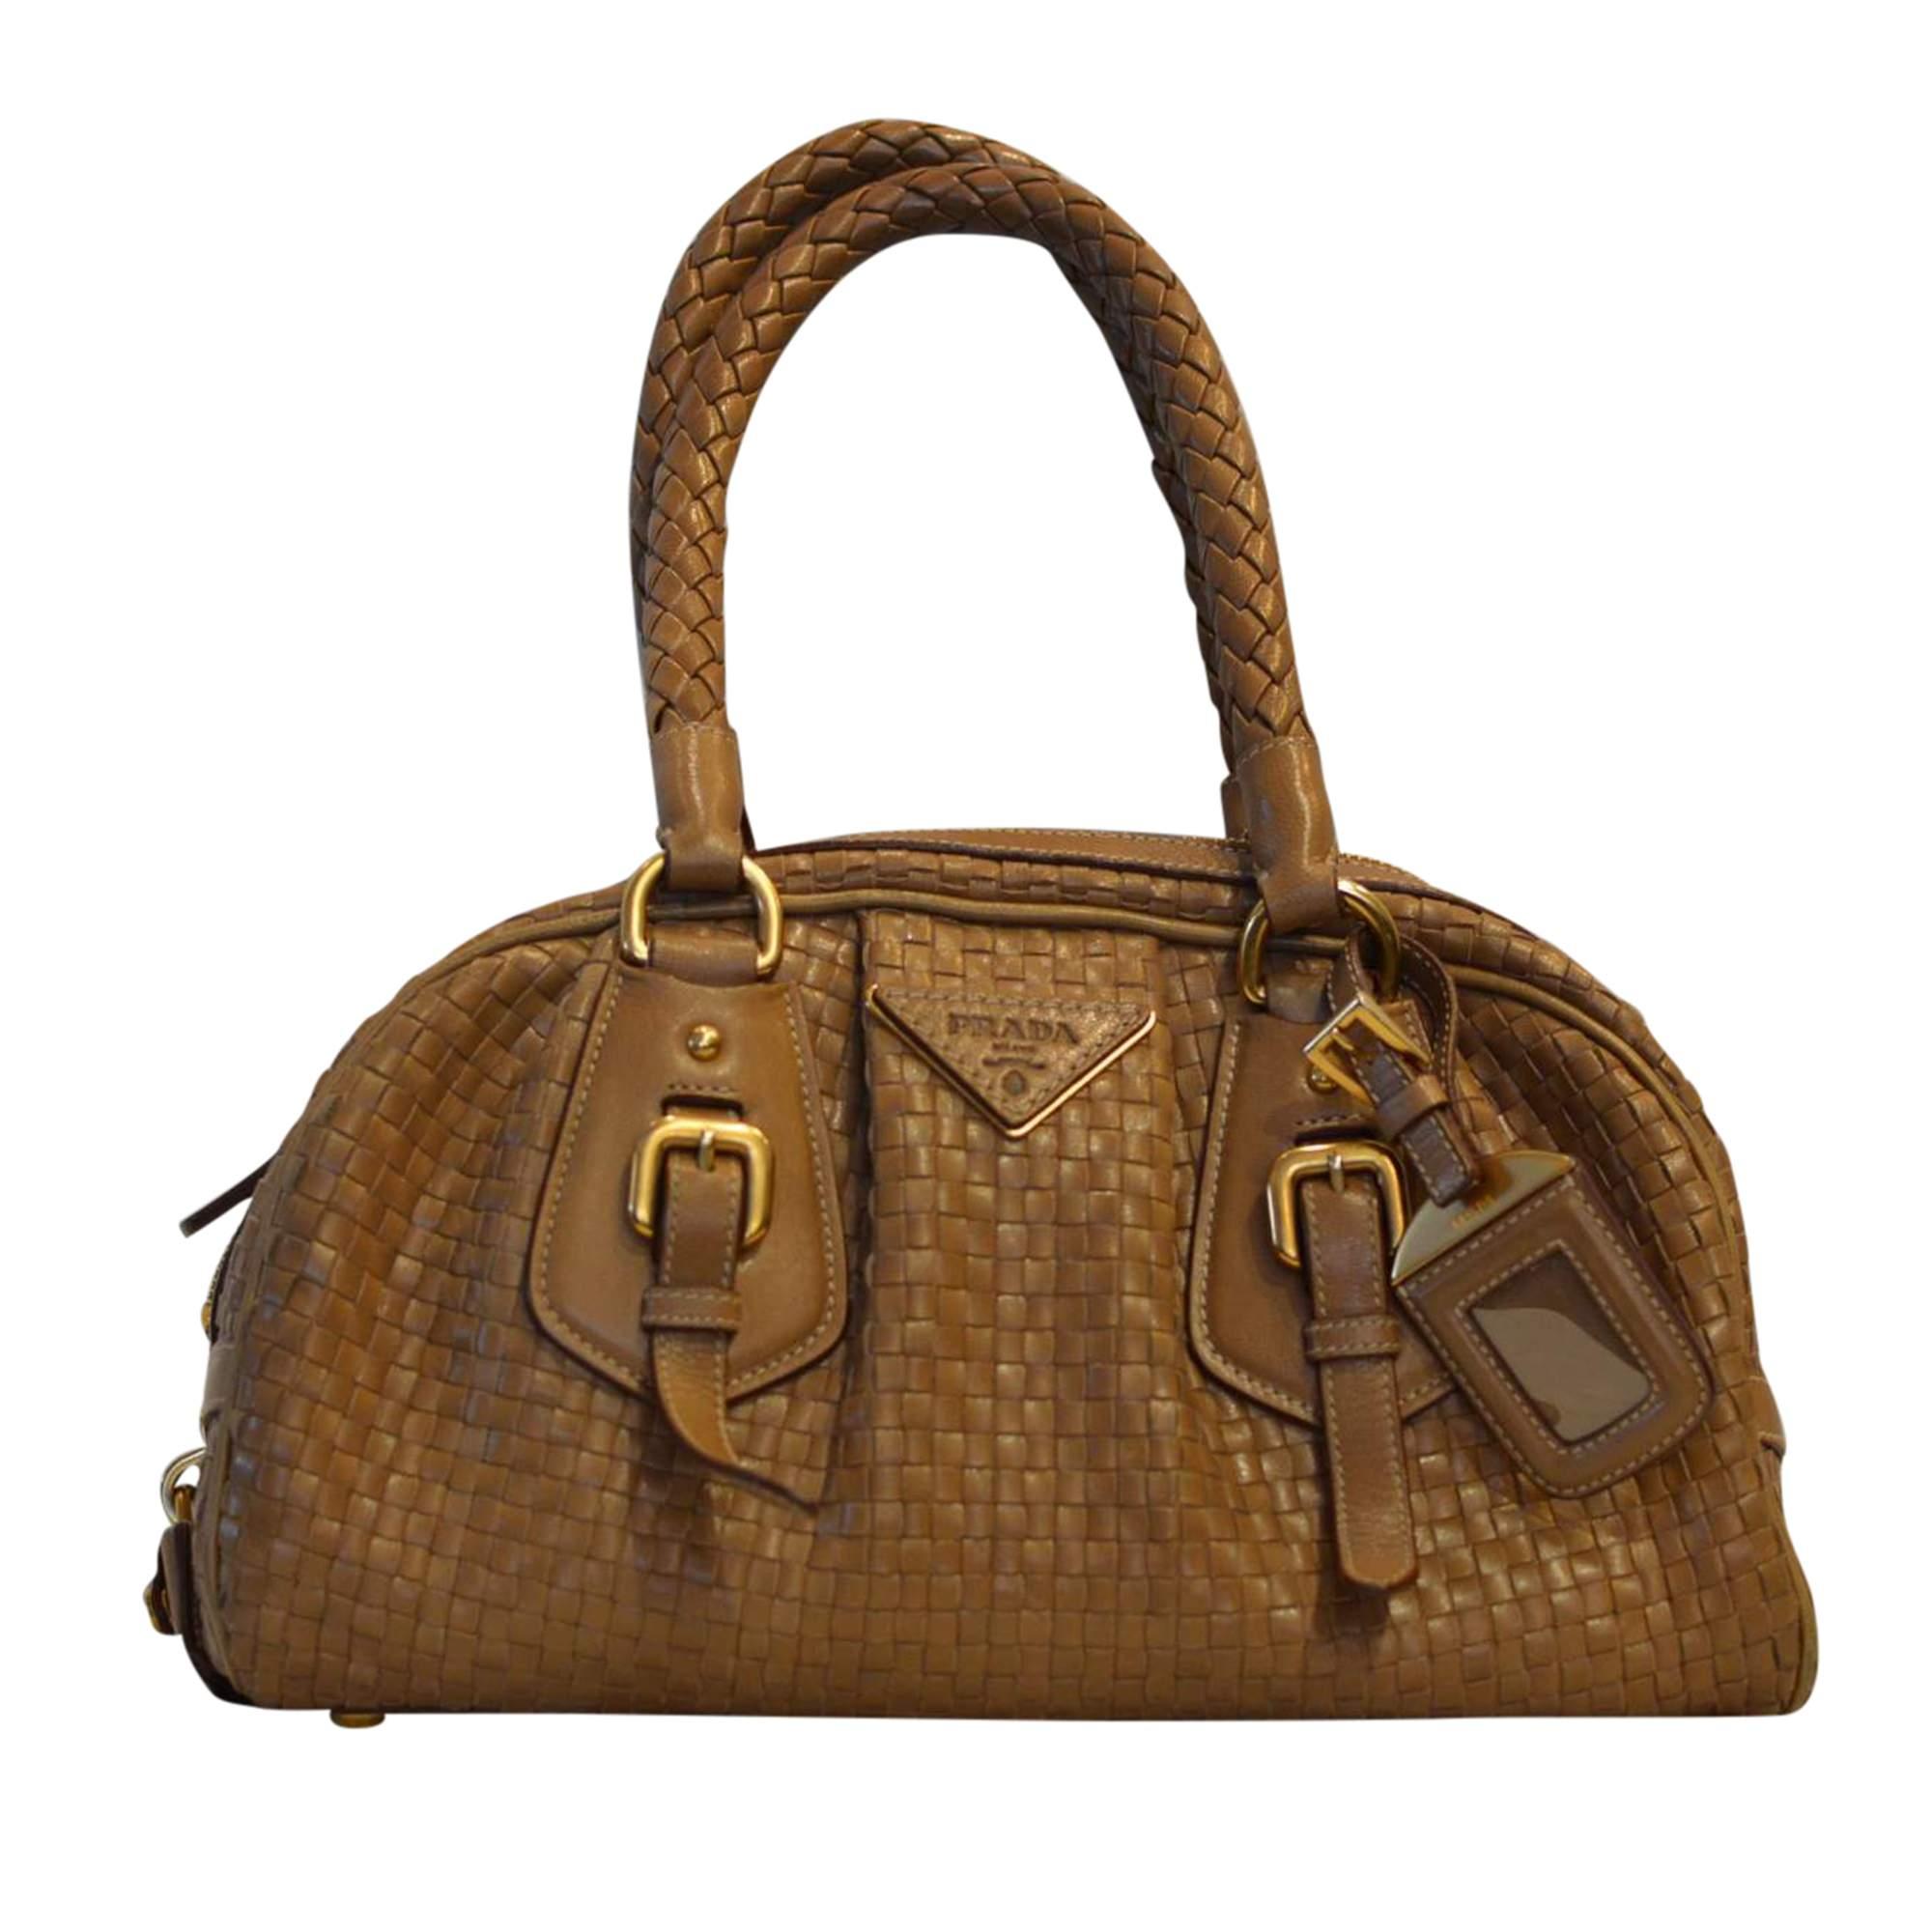 5b9e00444e9c94 Prada Beautiful Preowned Beige Handbag | The Chic Selection